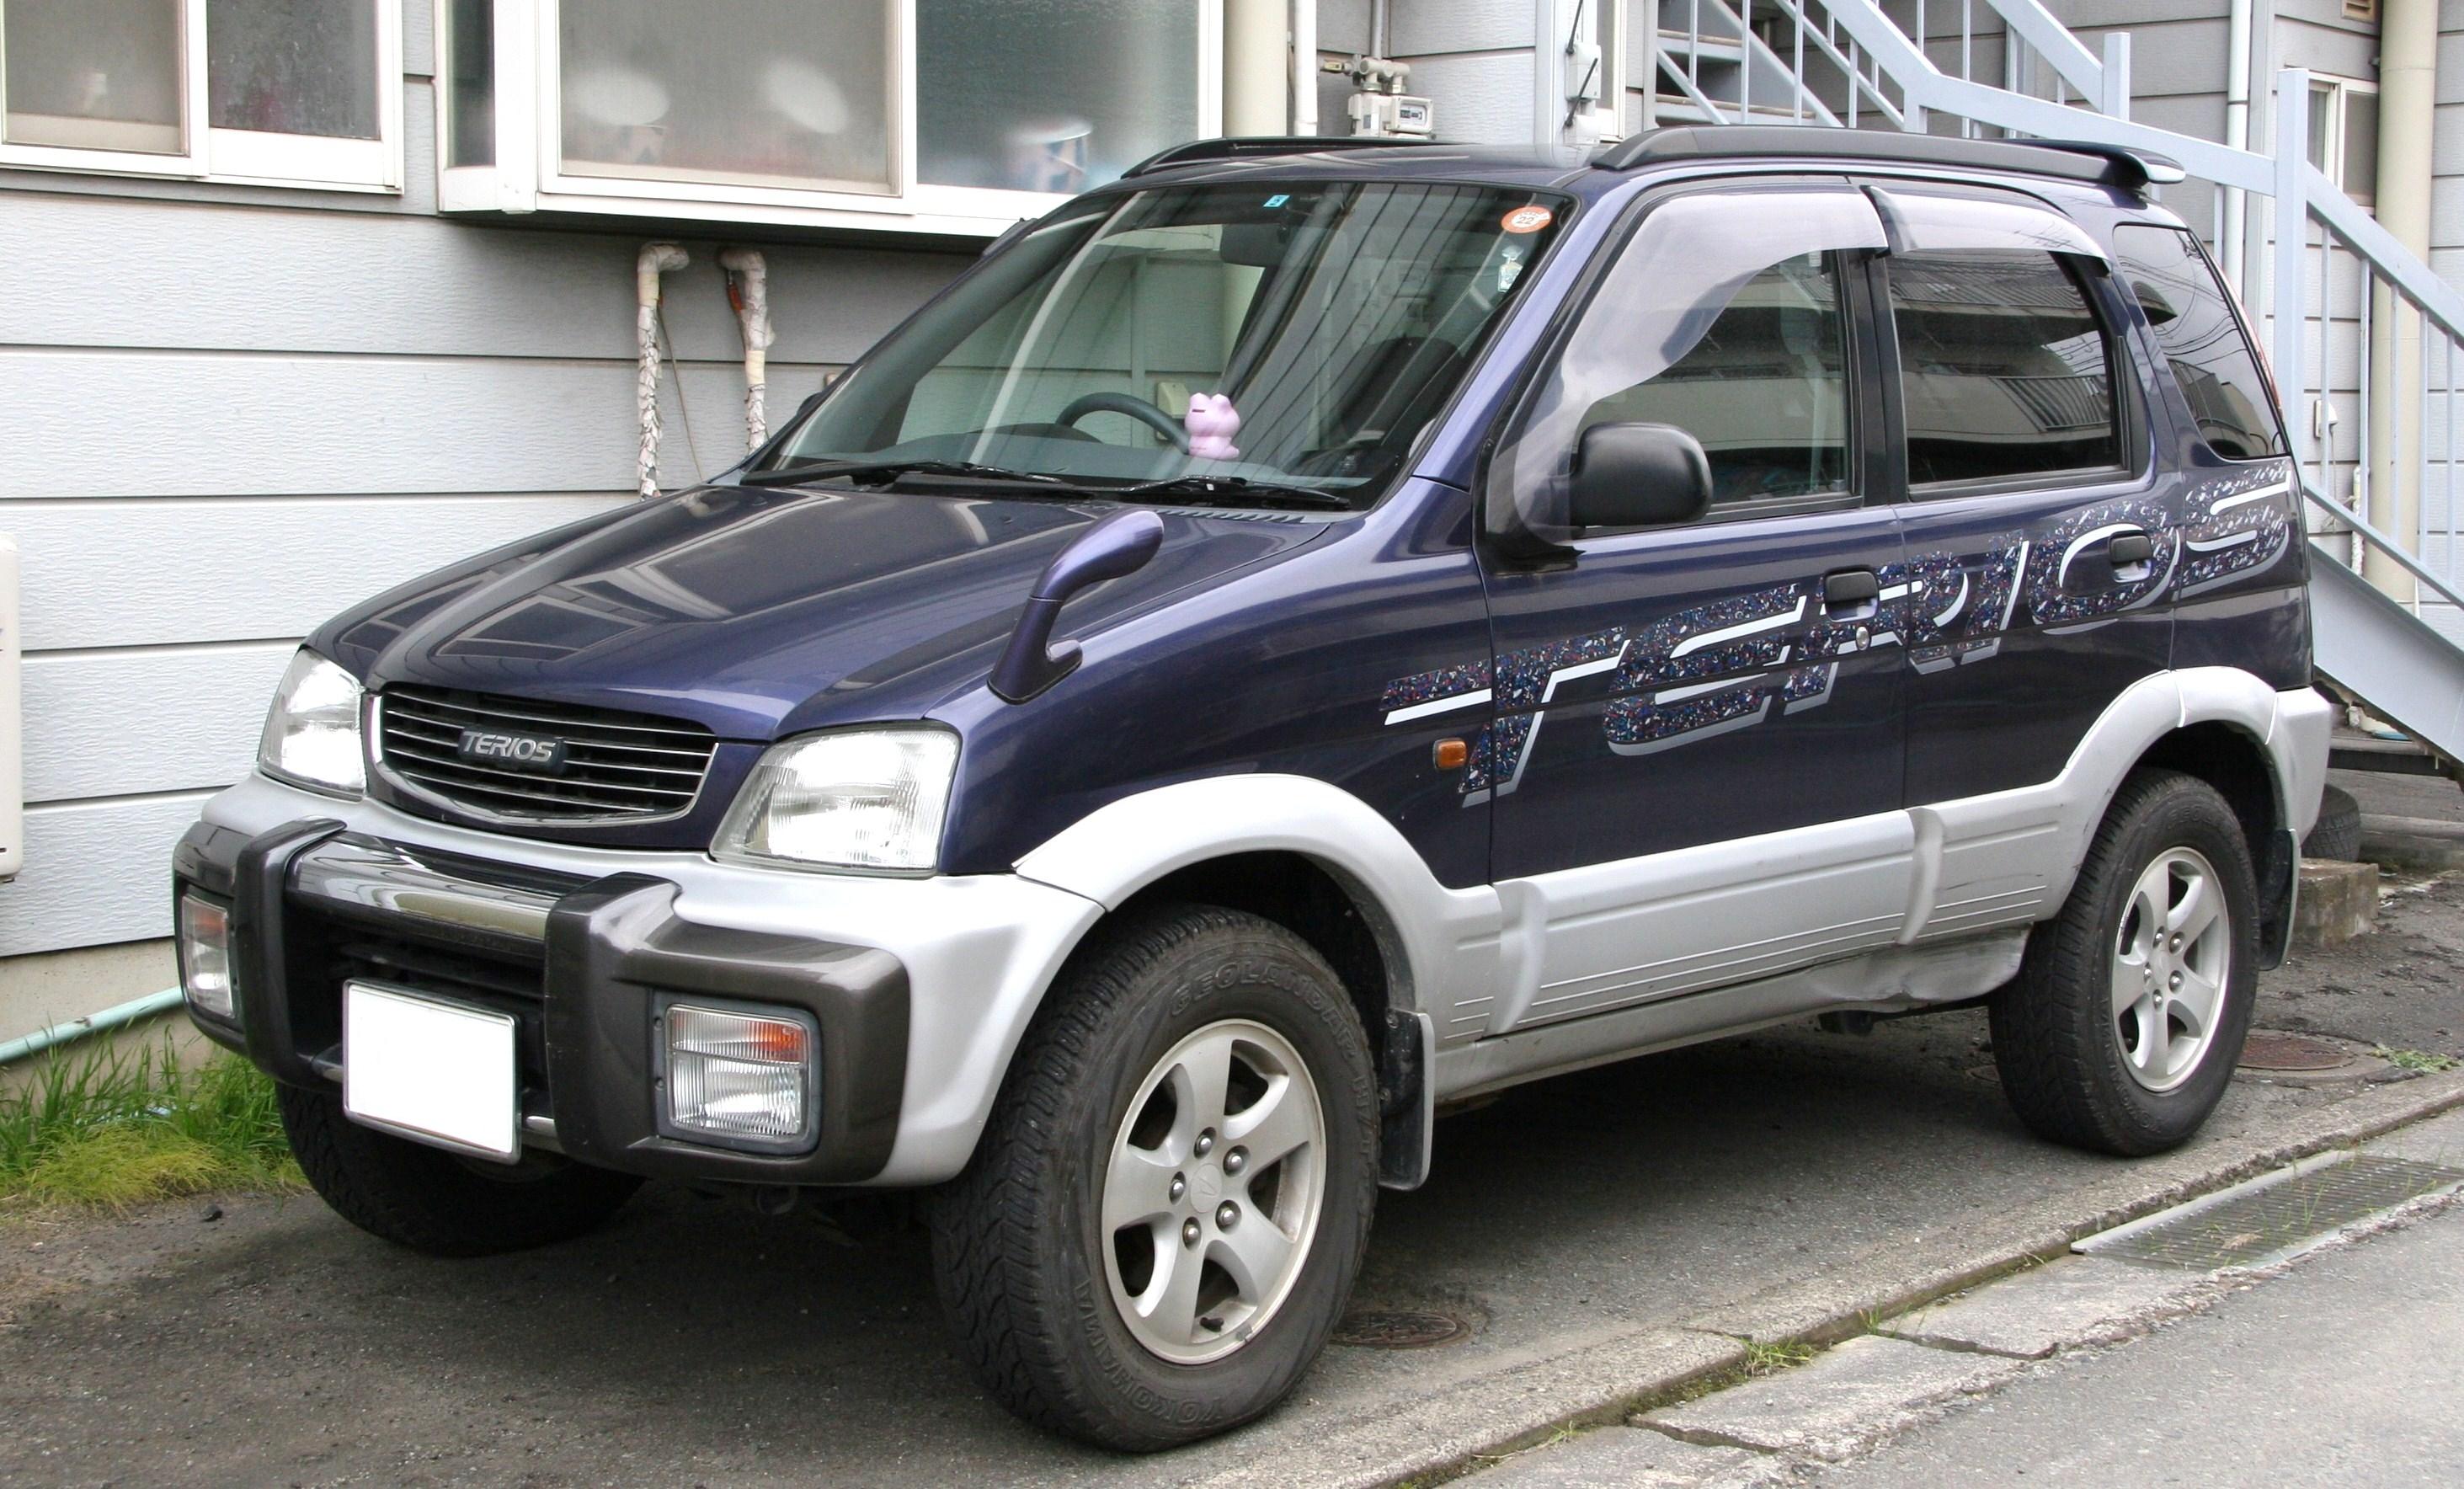 File:Daihatsu Terios.jpg